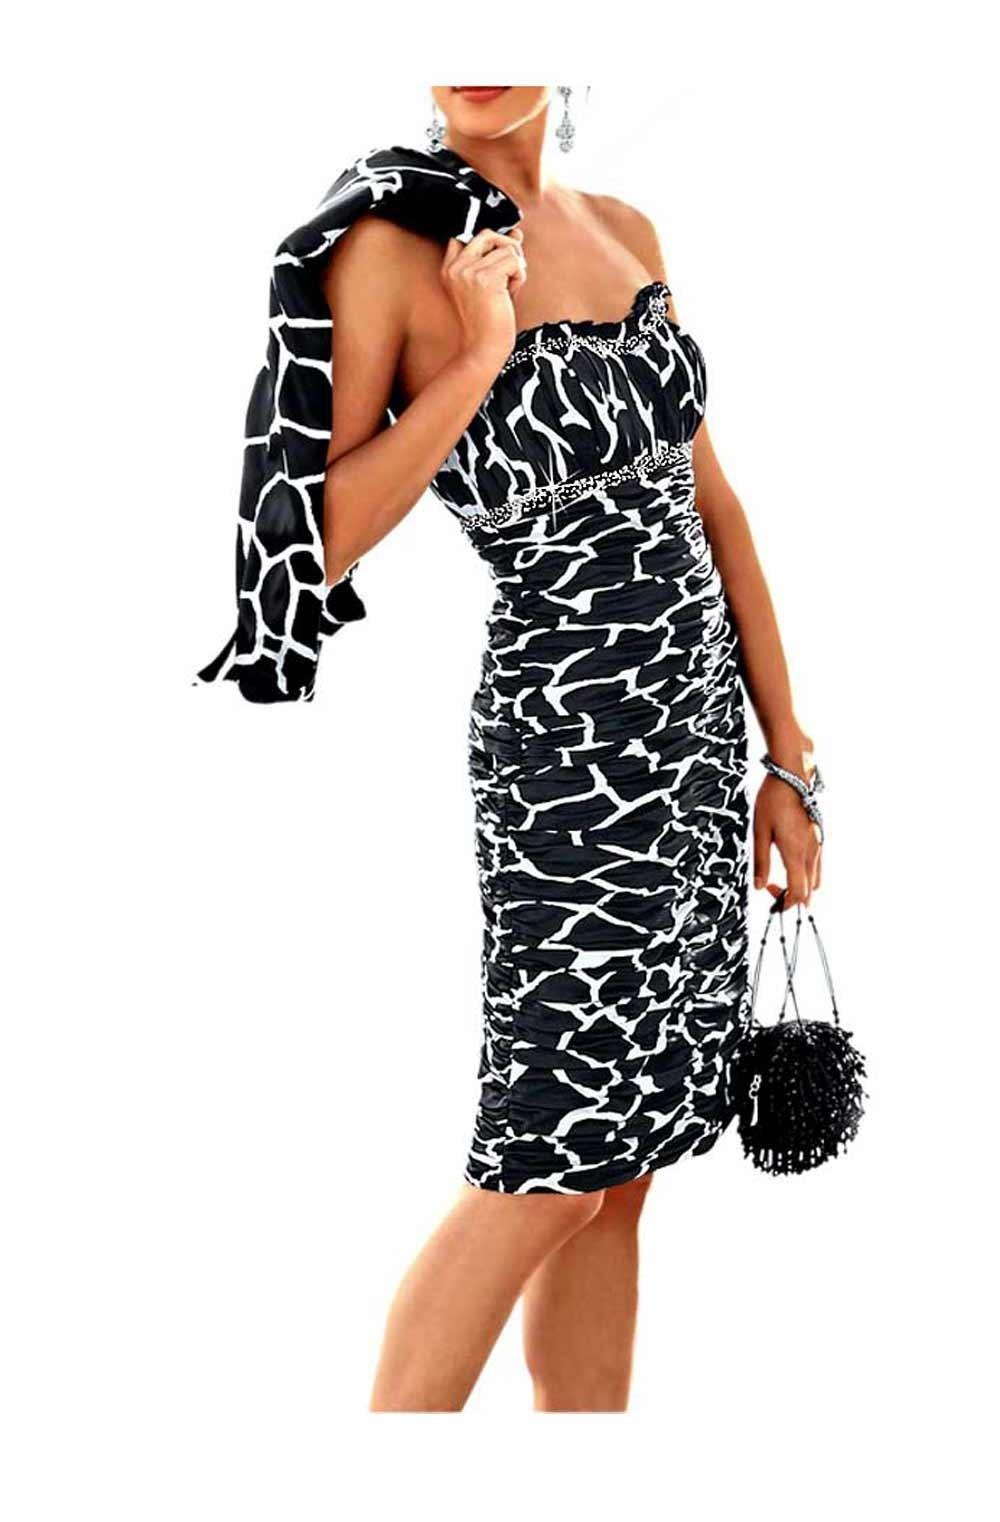 15 Schön Schwarz Weißes Kleid für 201920 Ausgezeichnet Schwarz Weißes Kleid Boutique